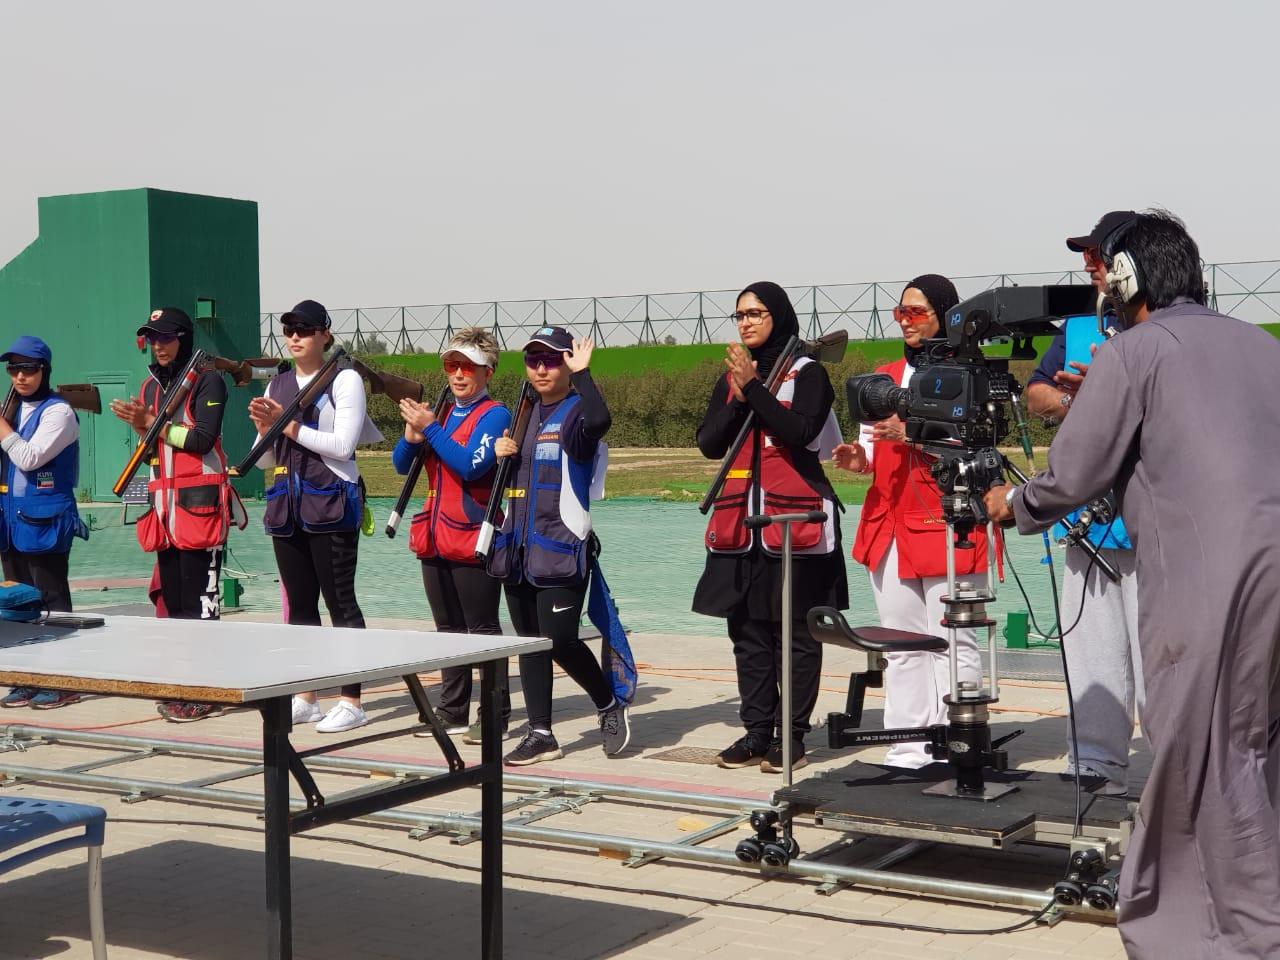 Казахстанка завоевала бронзовую медаль по стендовой стрельбе в Кувейте